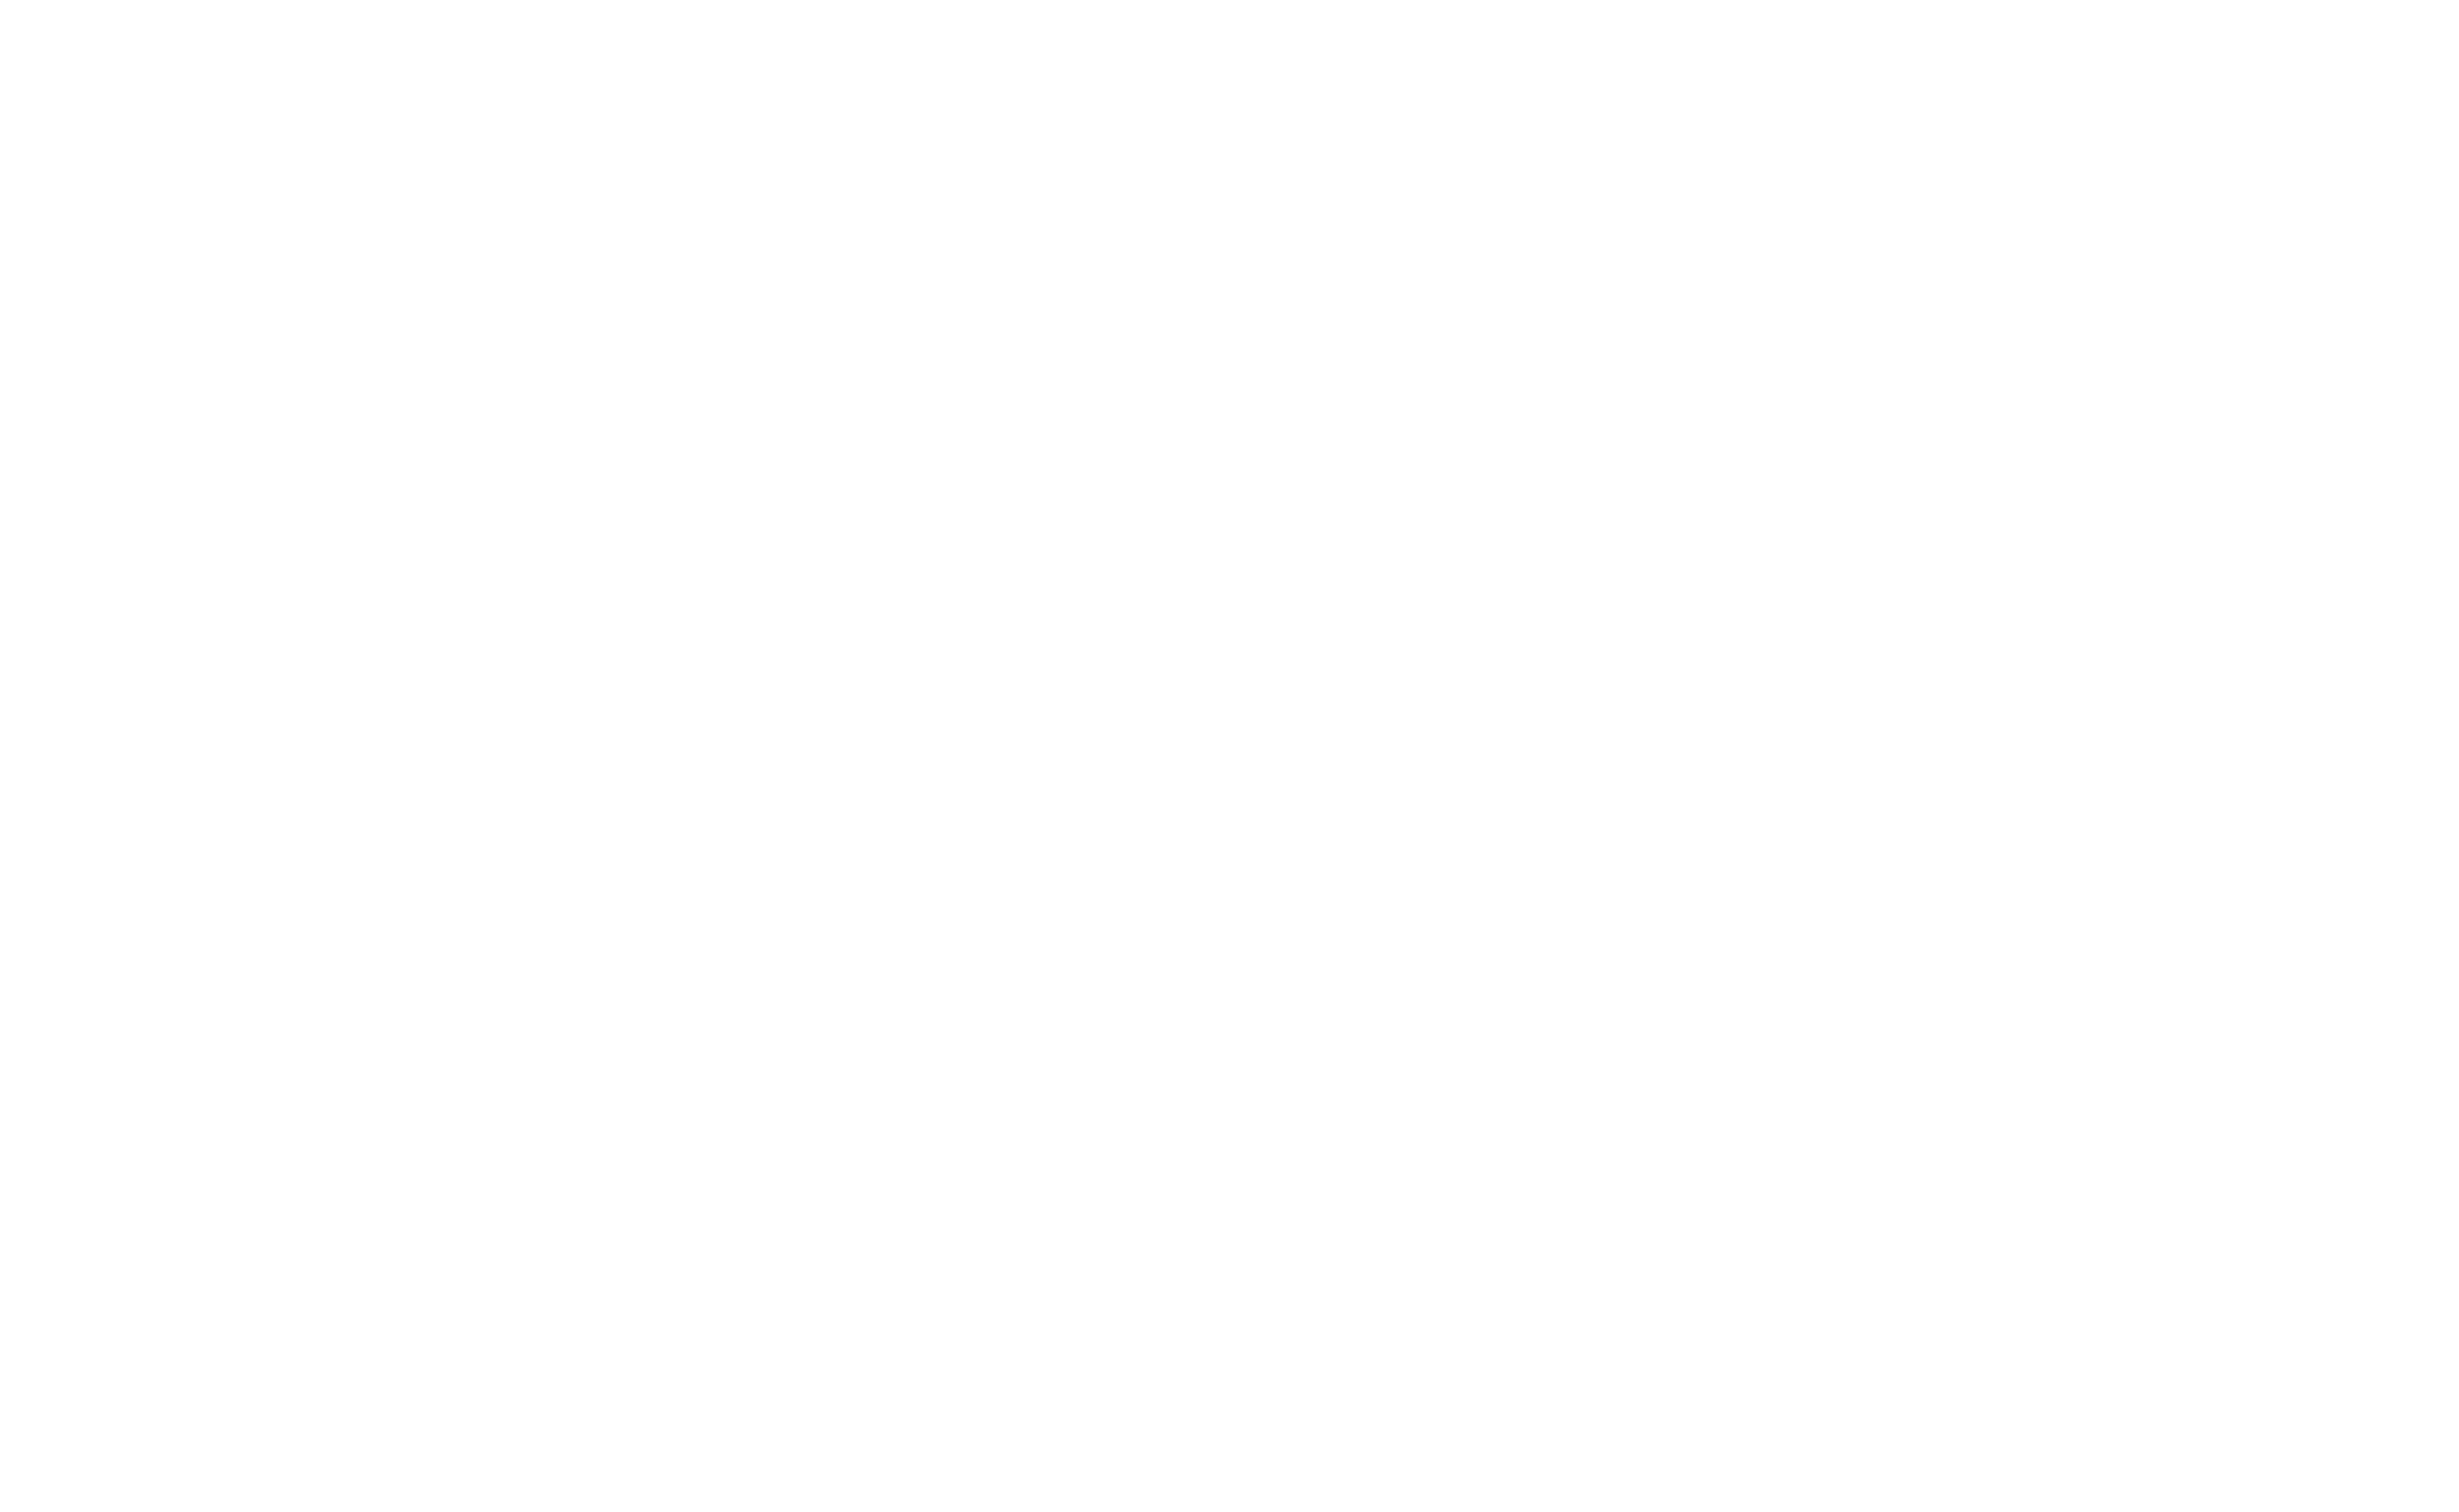 legionbroker